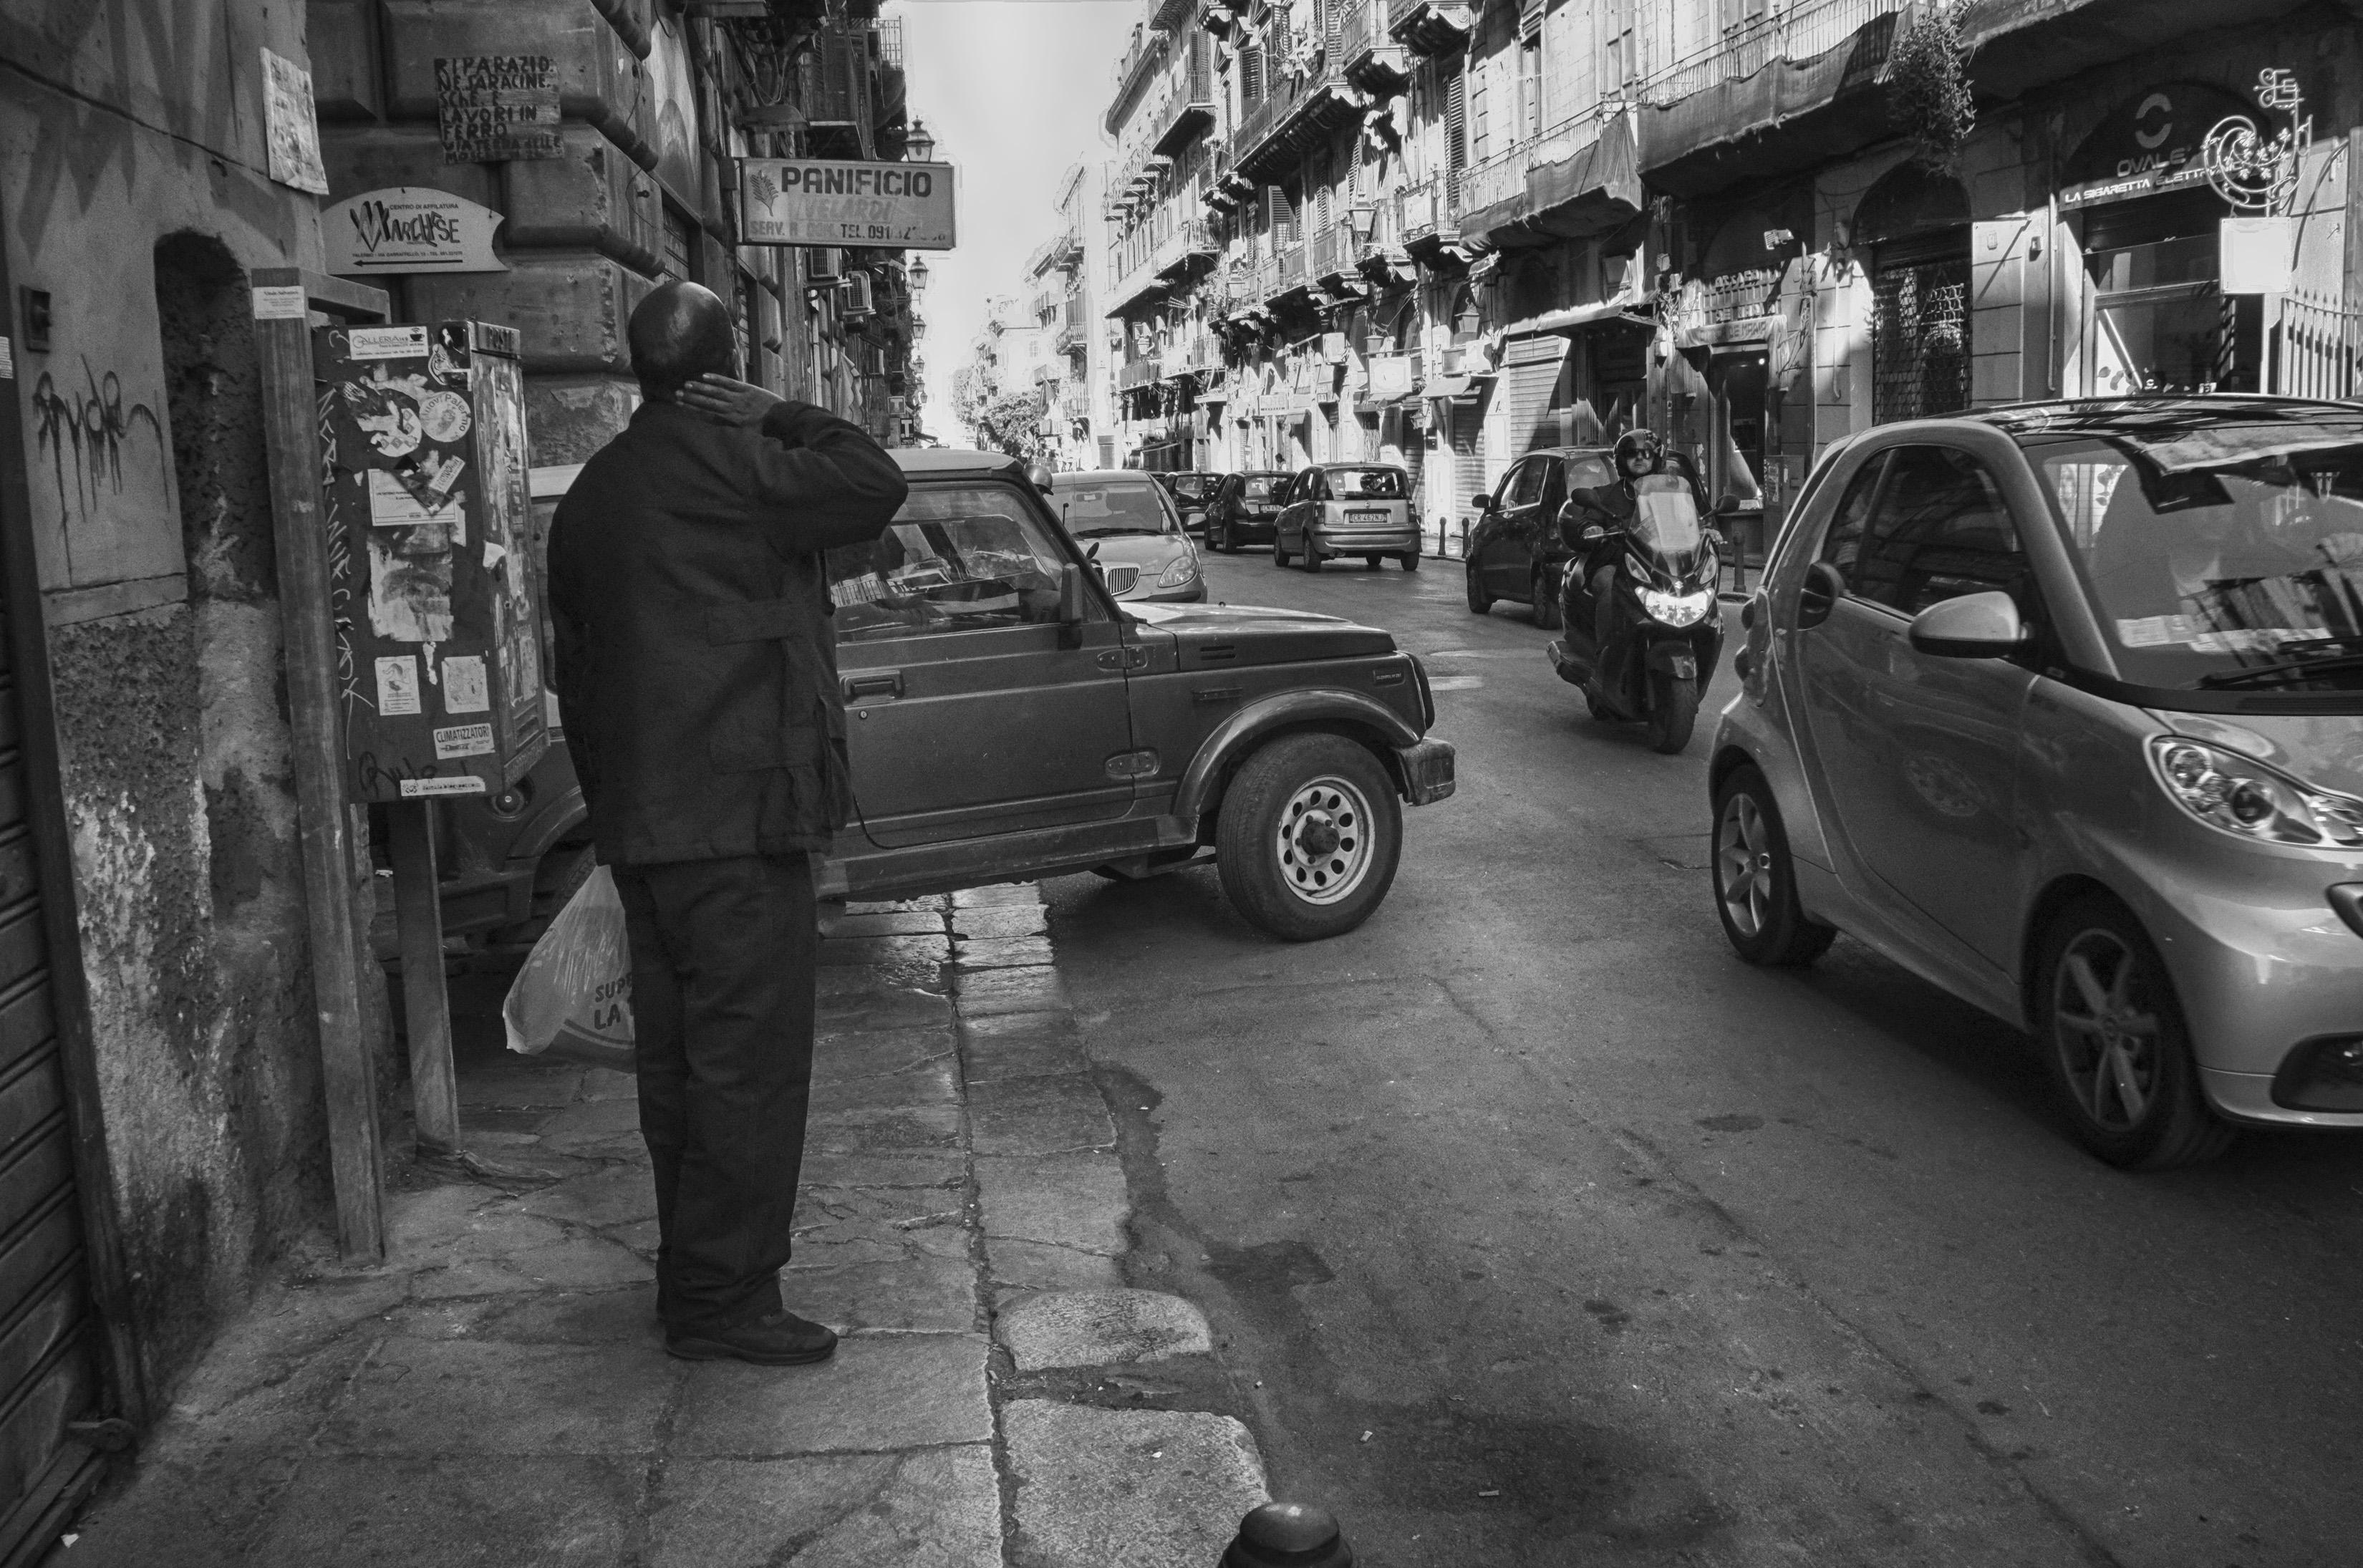 Gambar : hitam dan putih, jalan, mobil, kendaraan, Italia, satu ...